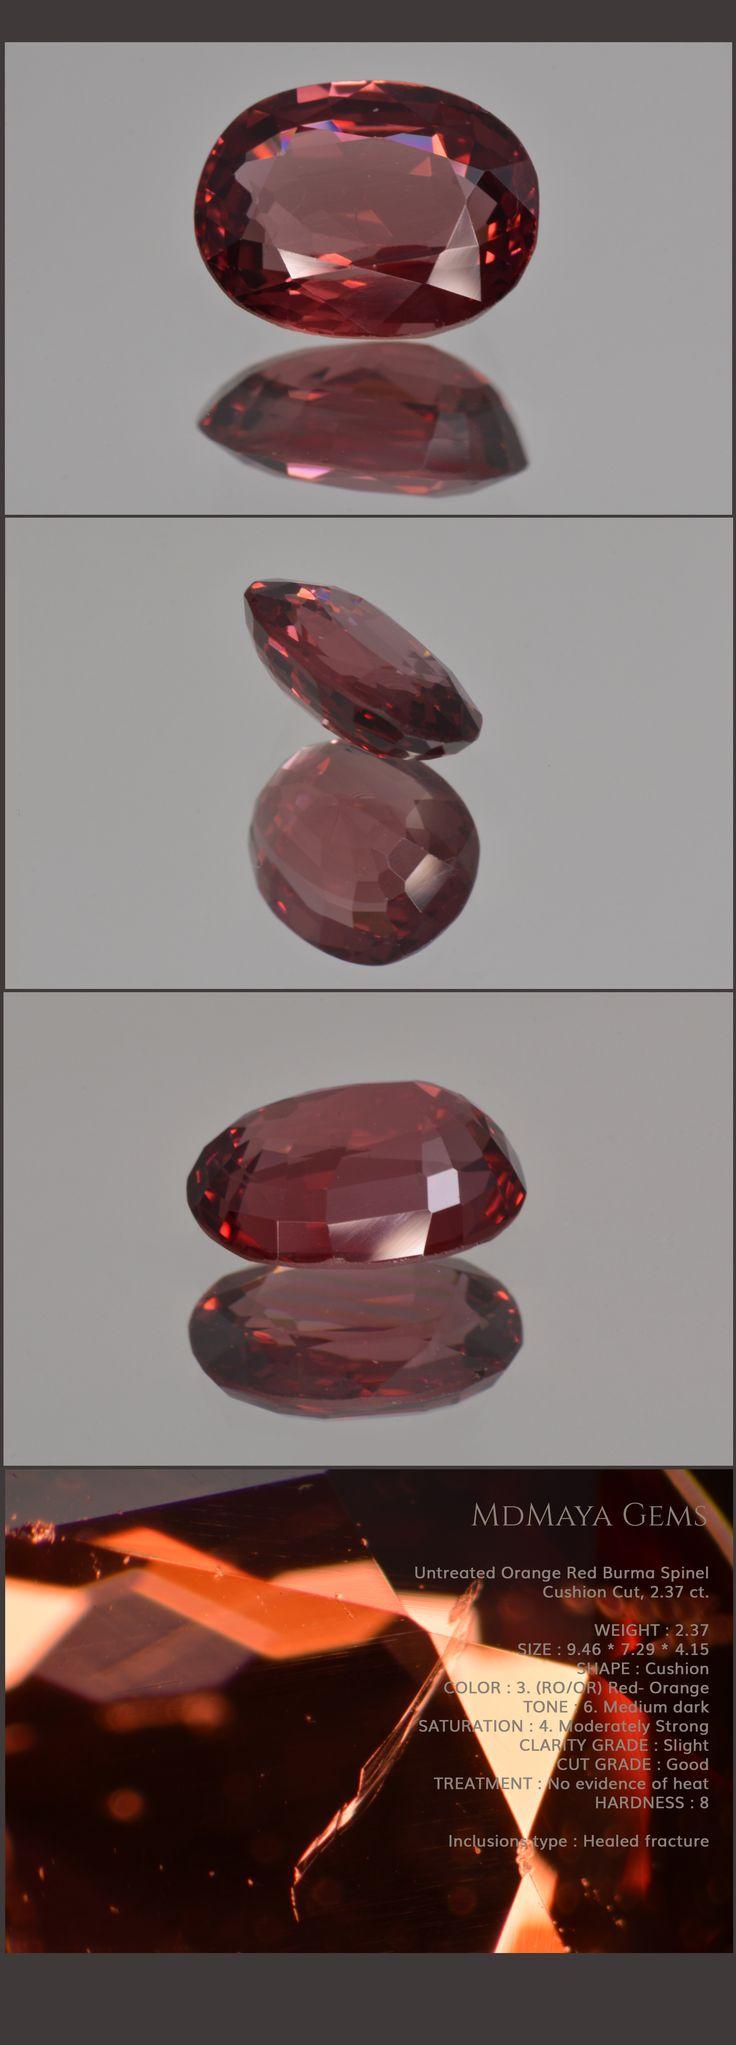 Untreated Orange Red Burma Spinel, Cushion Cut, 2.37 ct Loose Gemstones for sale MdMaya Gems